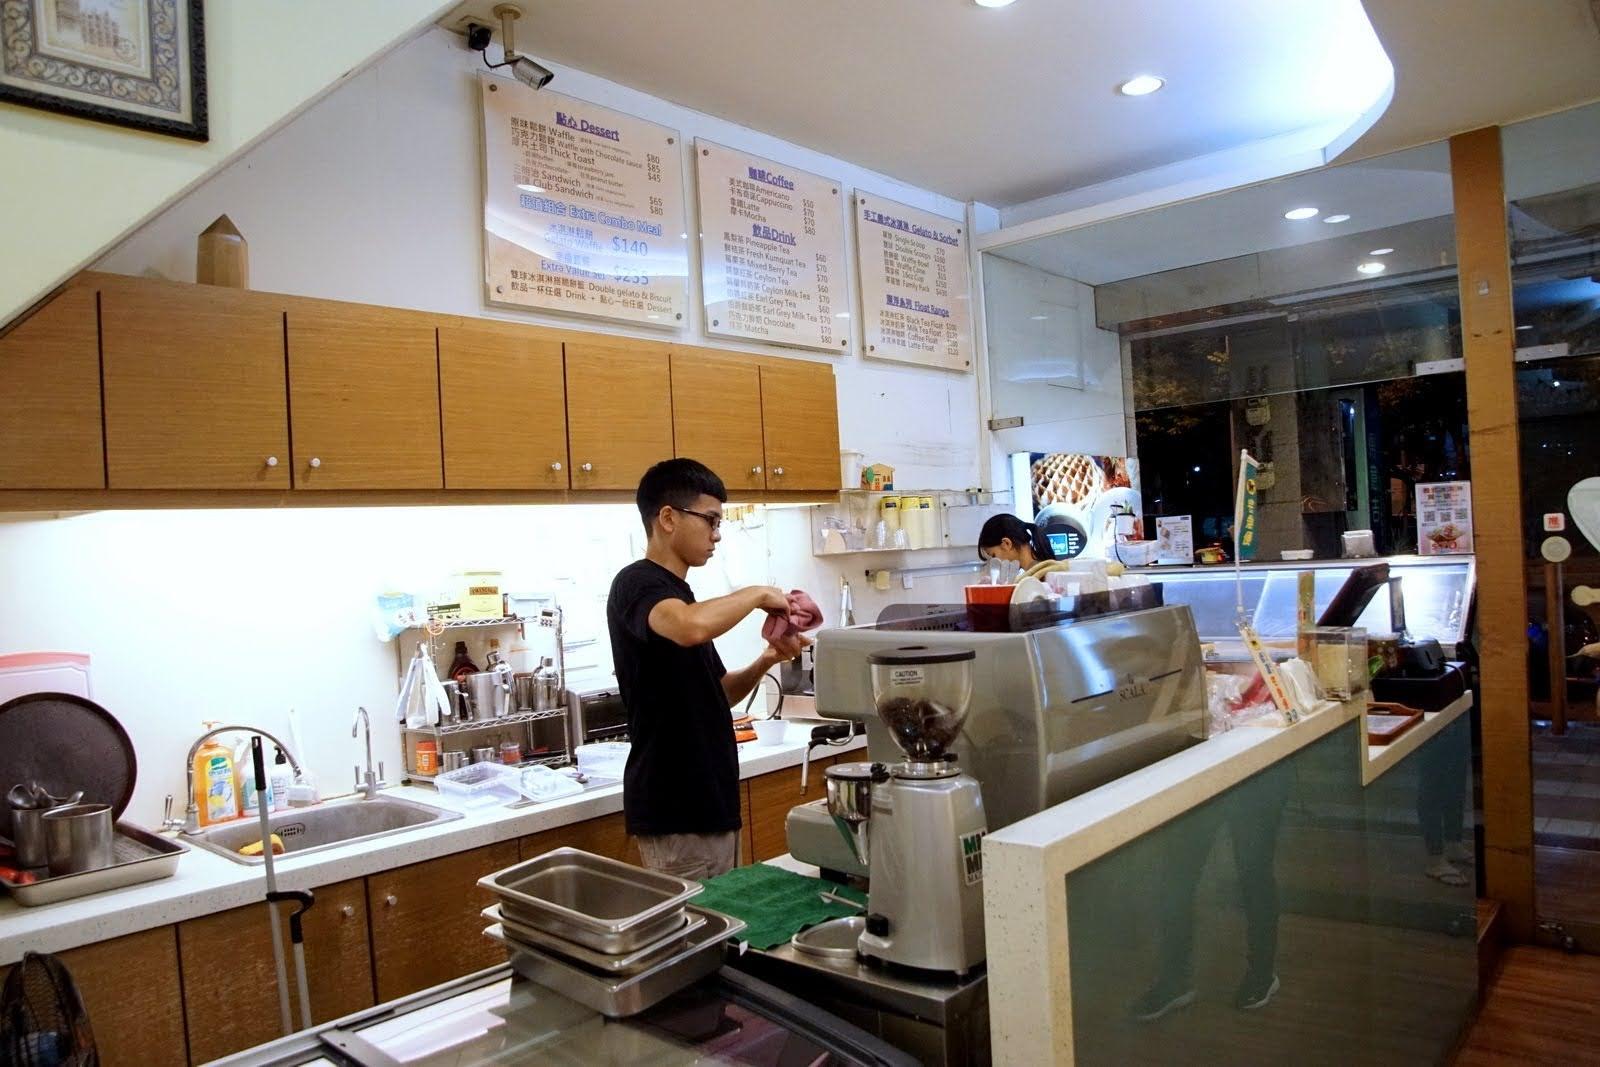 [台南][北區] Dishege得意吉|義式冰淇淋專賣店|東豐幸福空間|食記